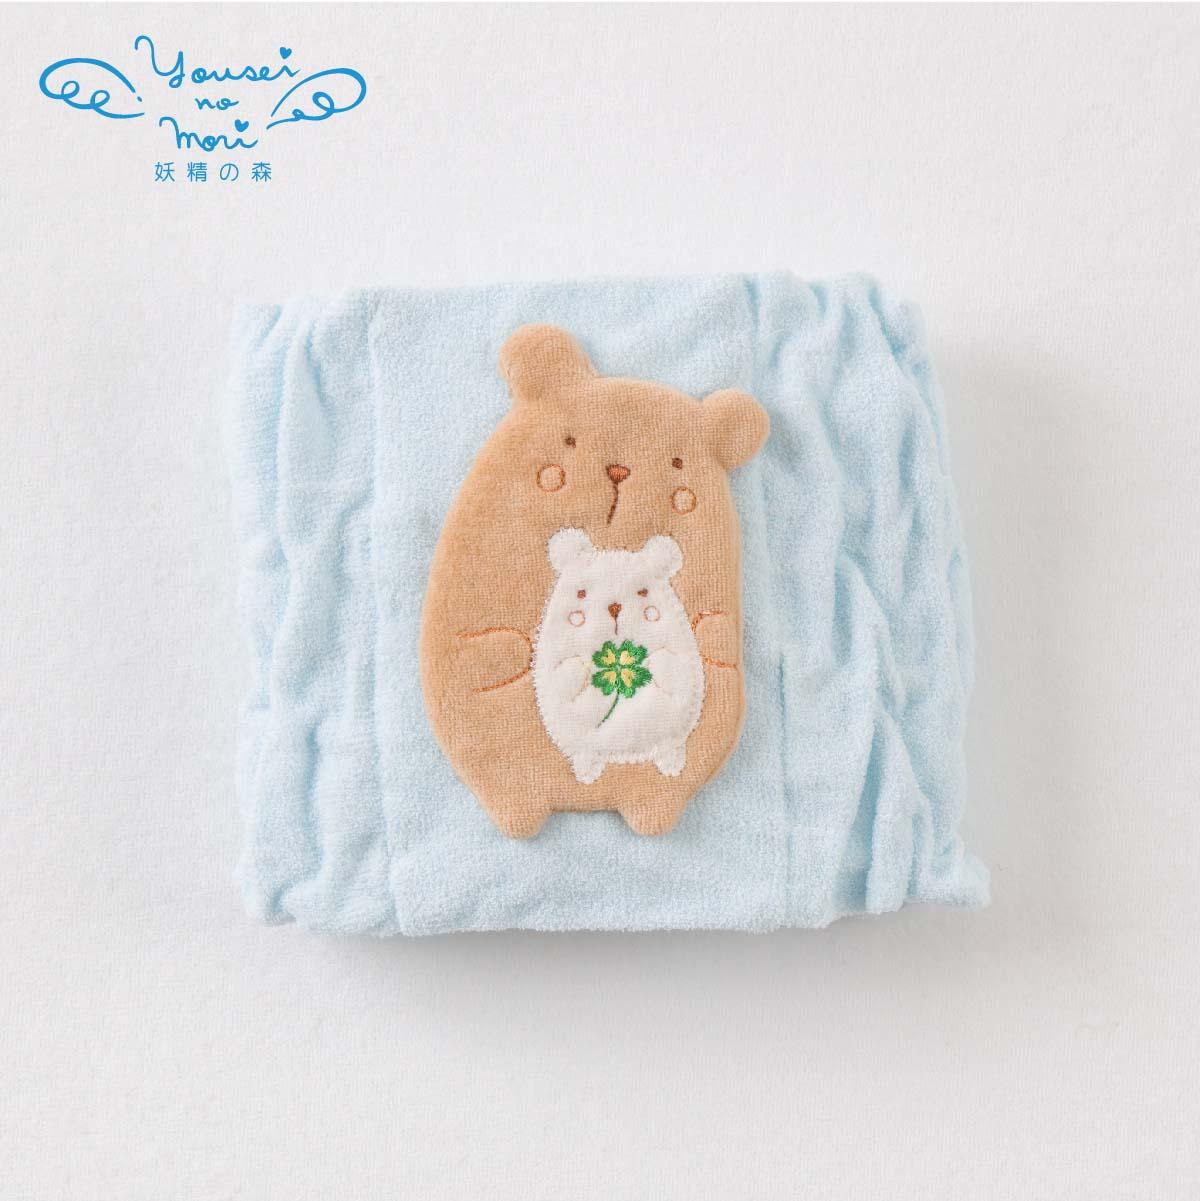 ほのぼのはらまき 筒型 クマ